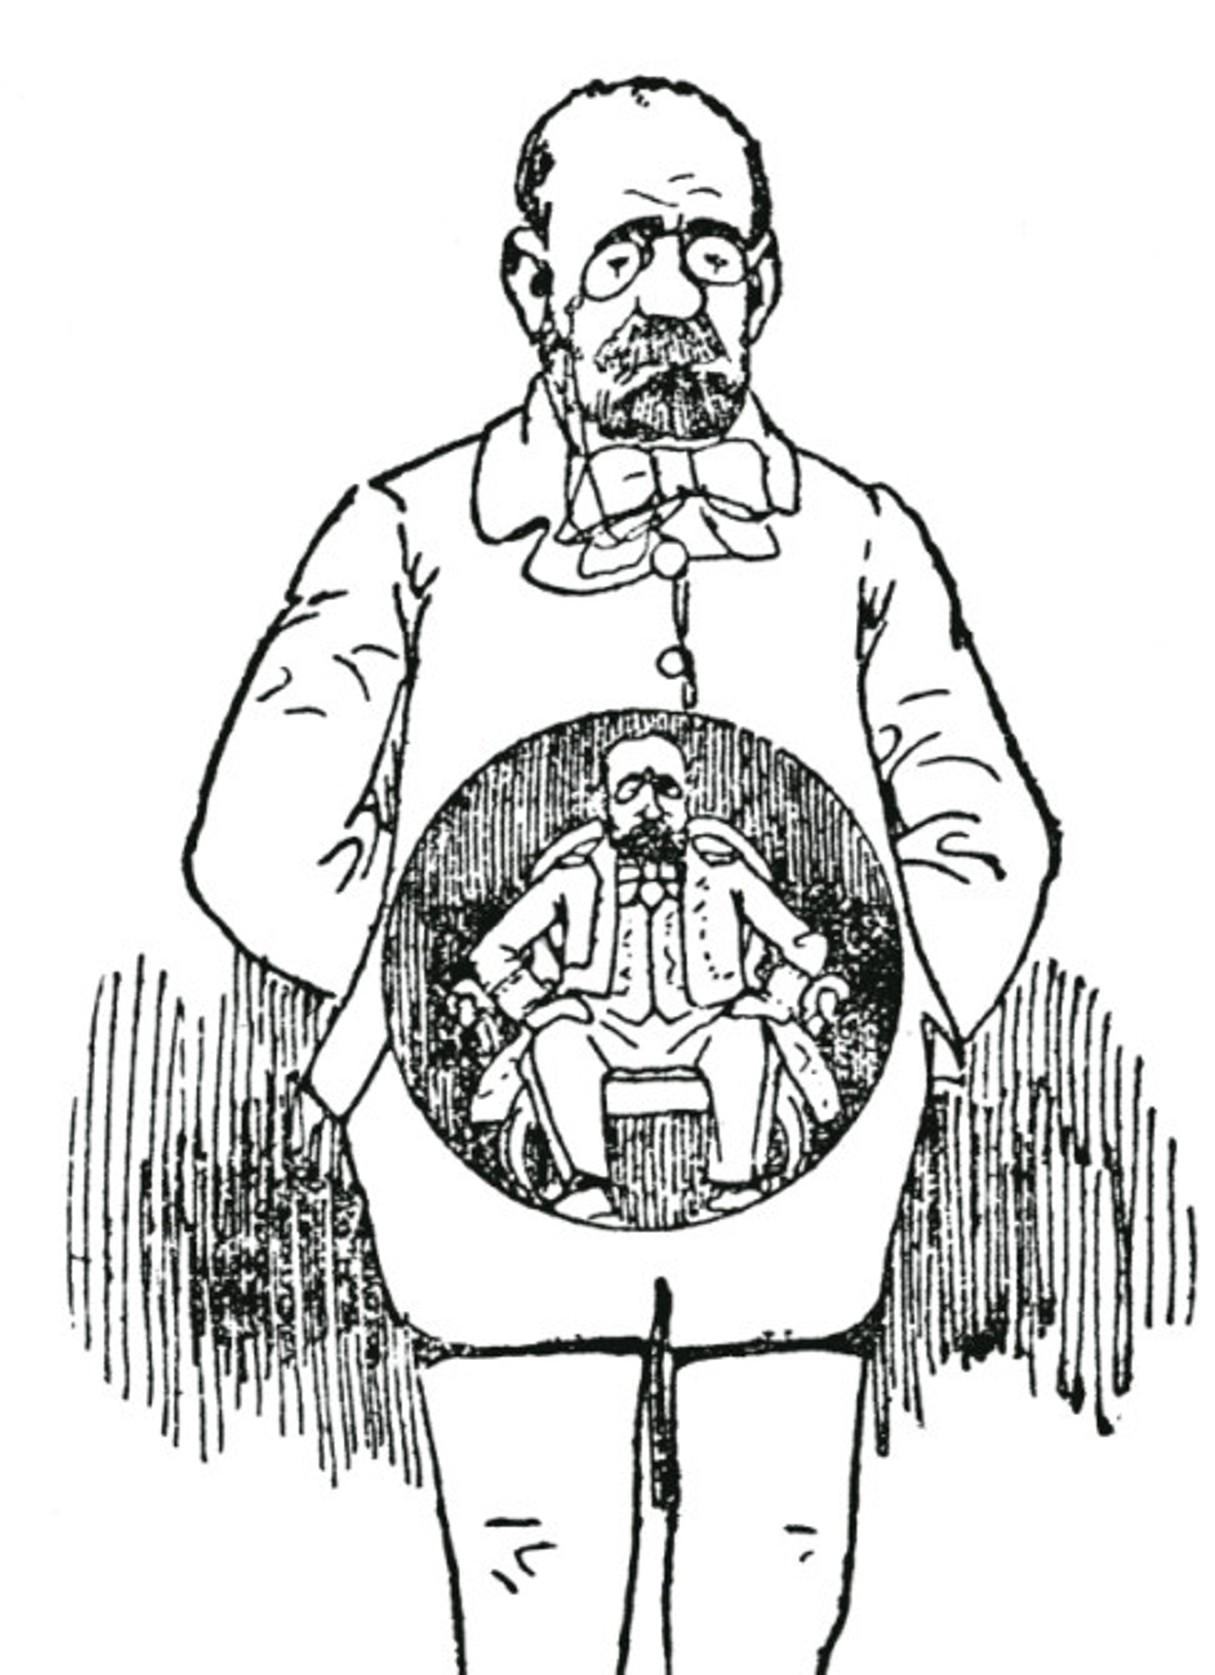 Image - La photographie de l'invisible, Emile Zola (l'estomac)